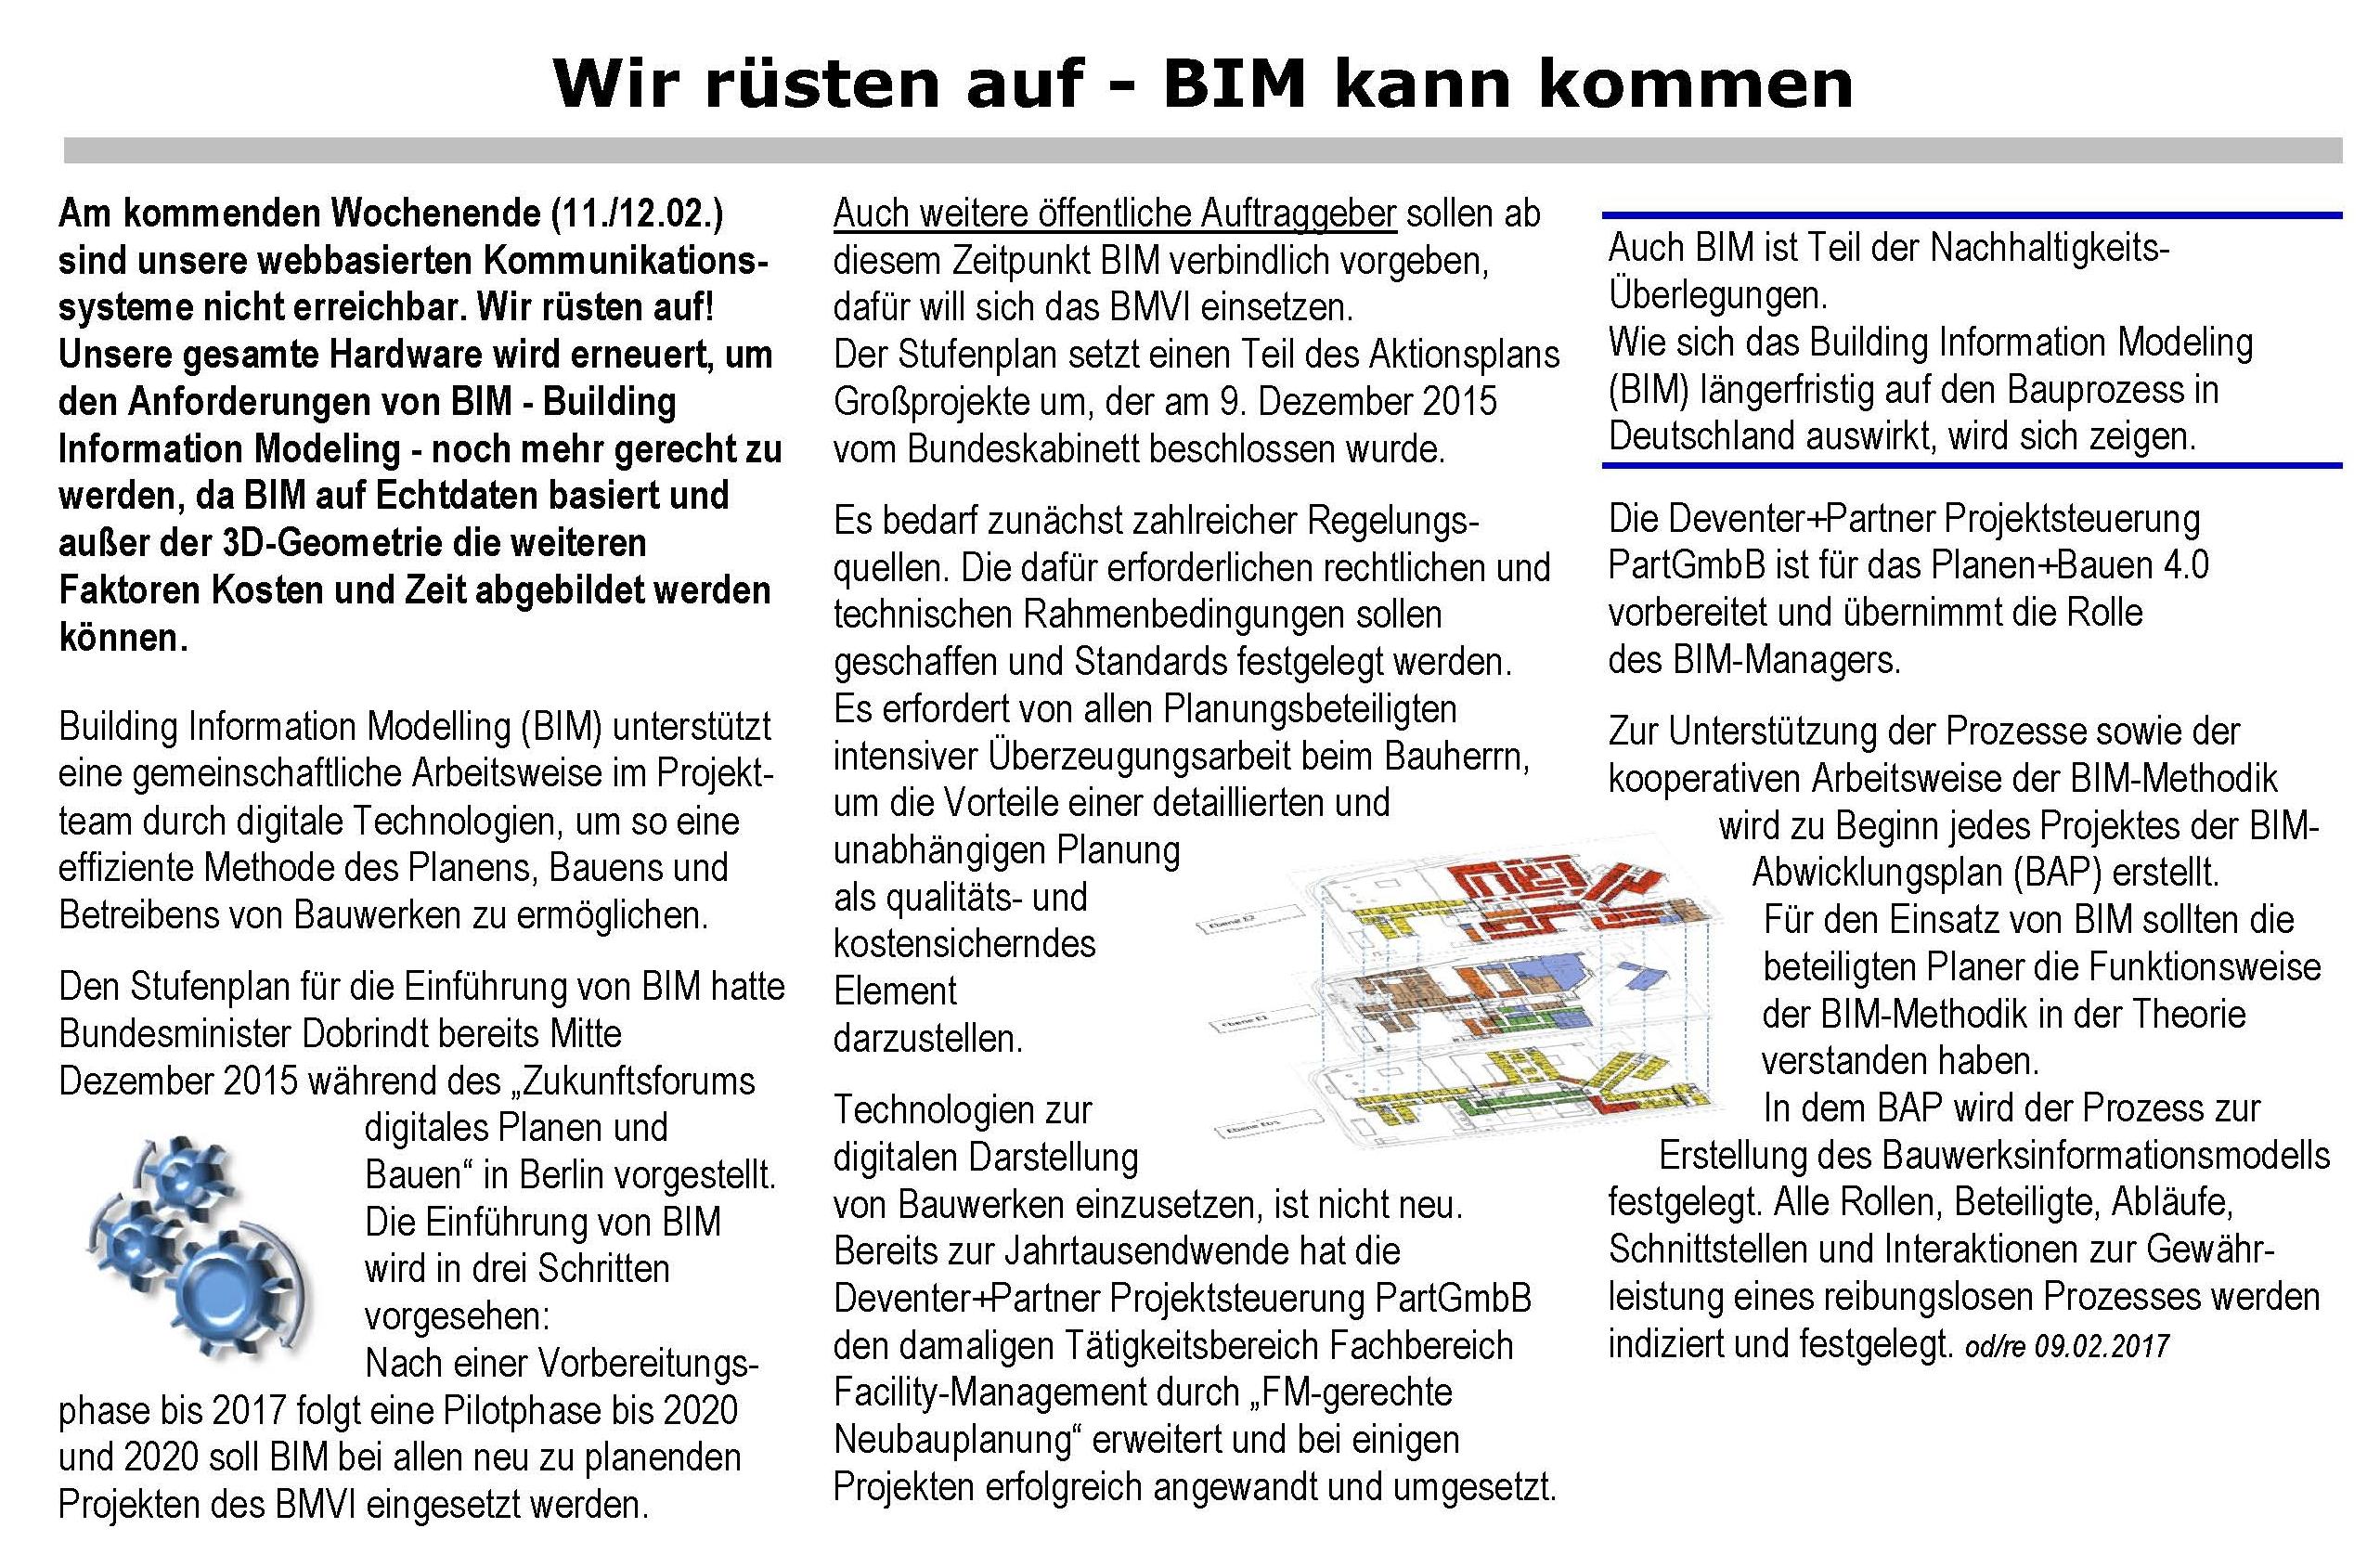 BMI kann kommen